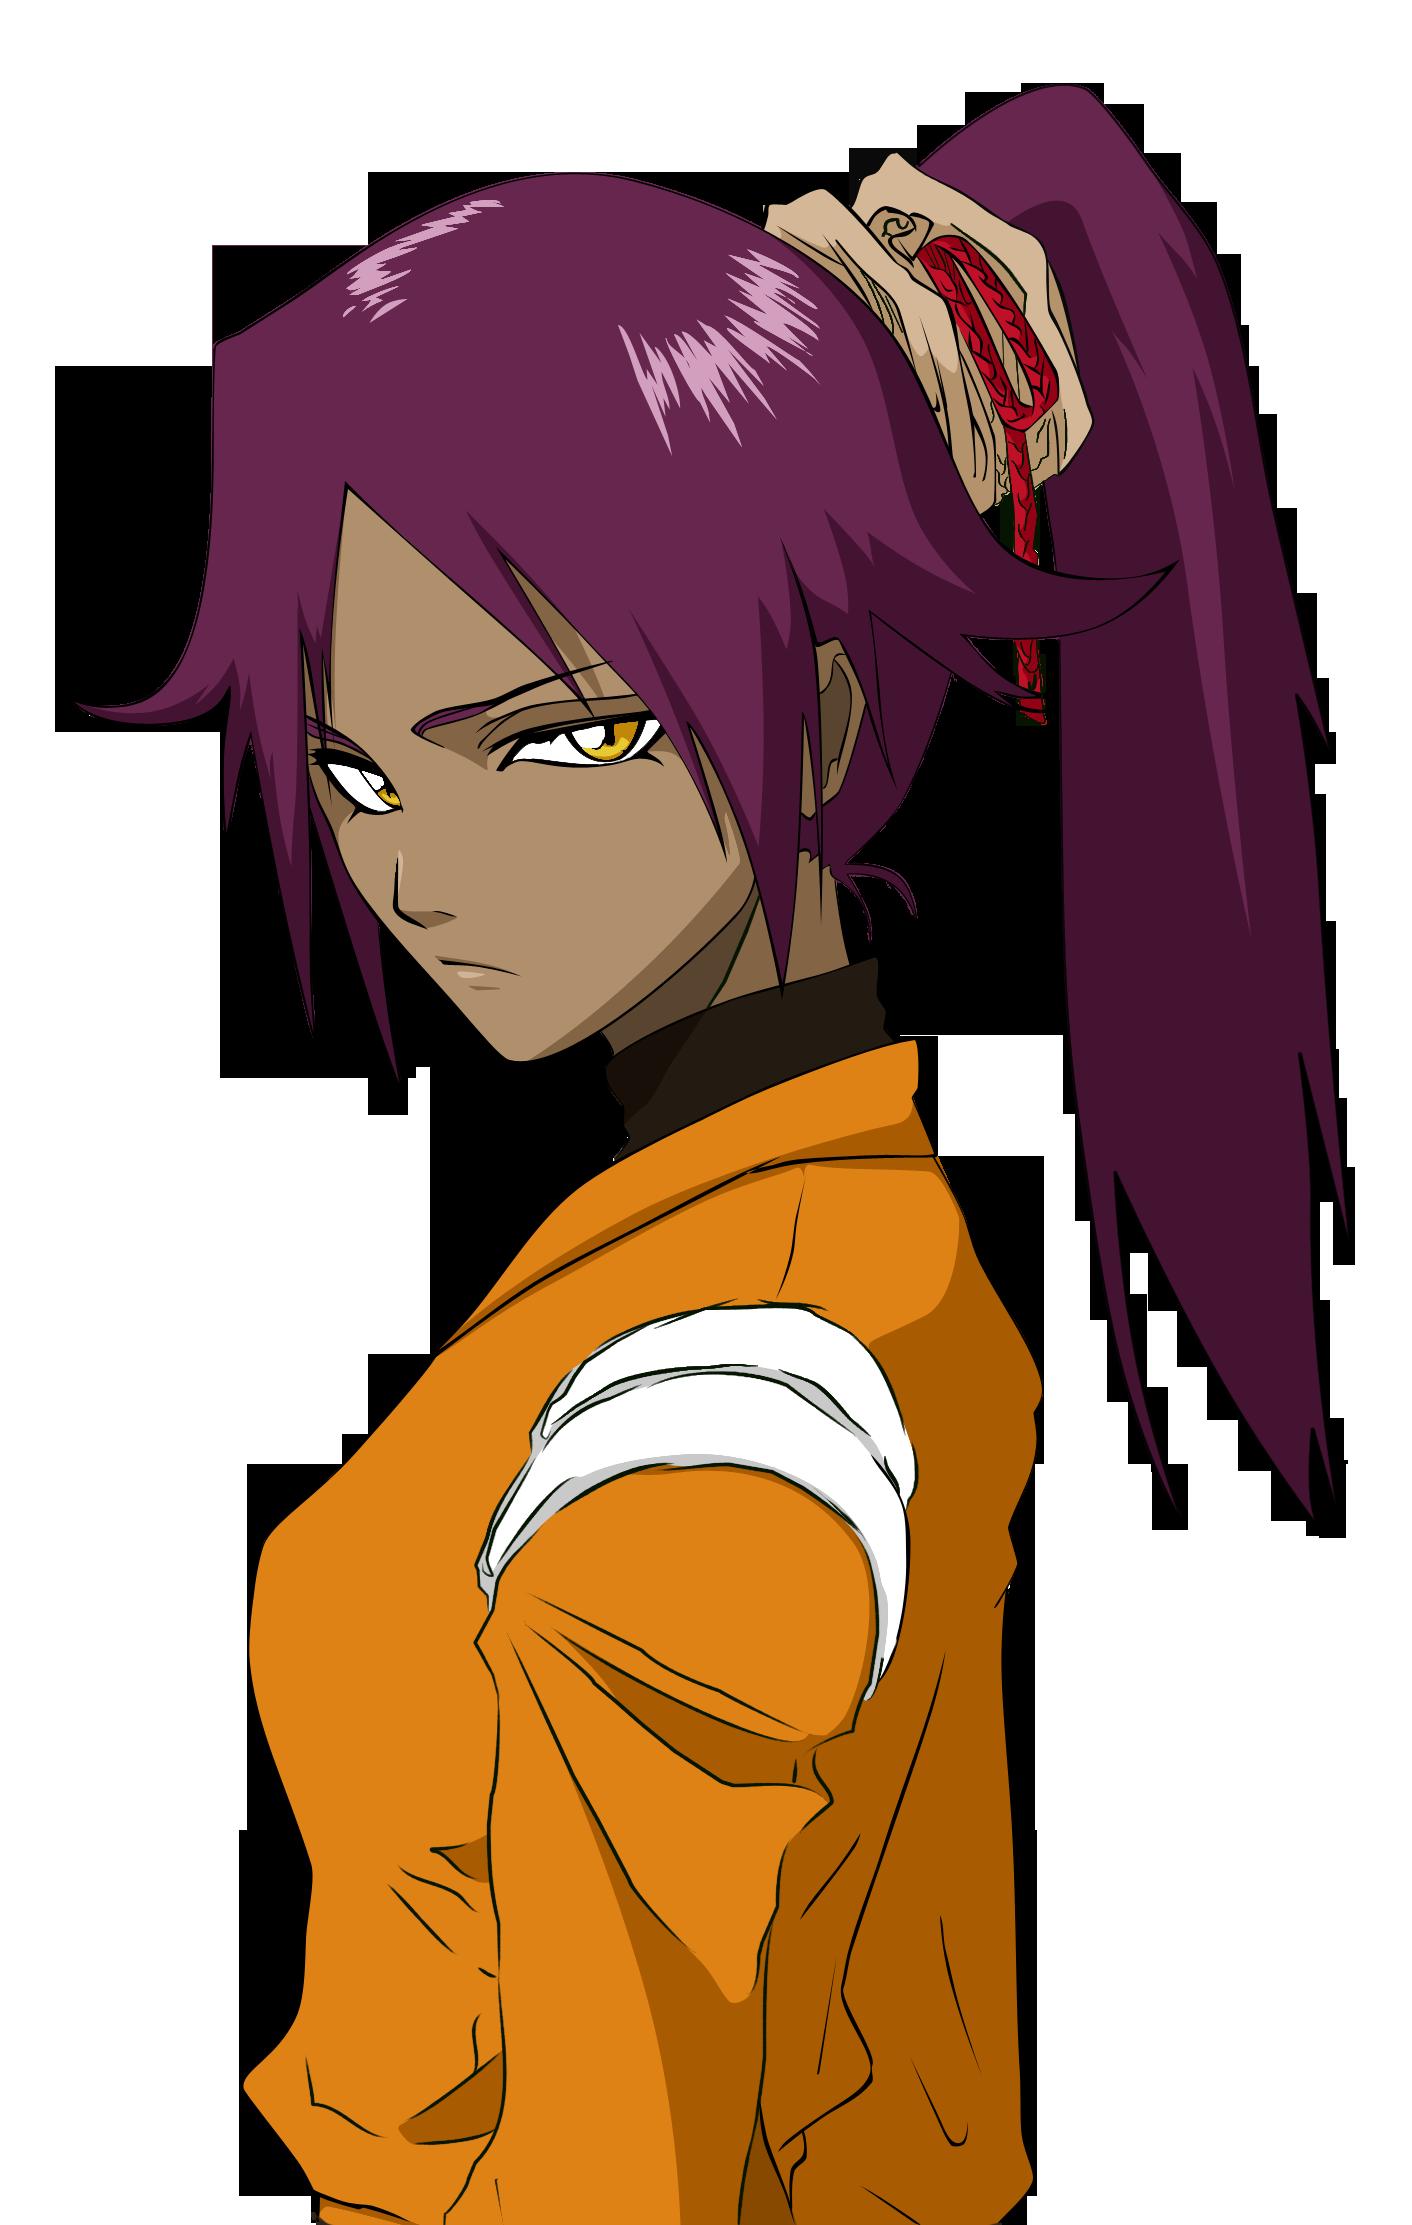 Yoruichi Shihouin | Bleach characters, Bleach girls